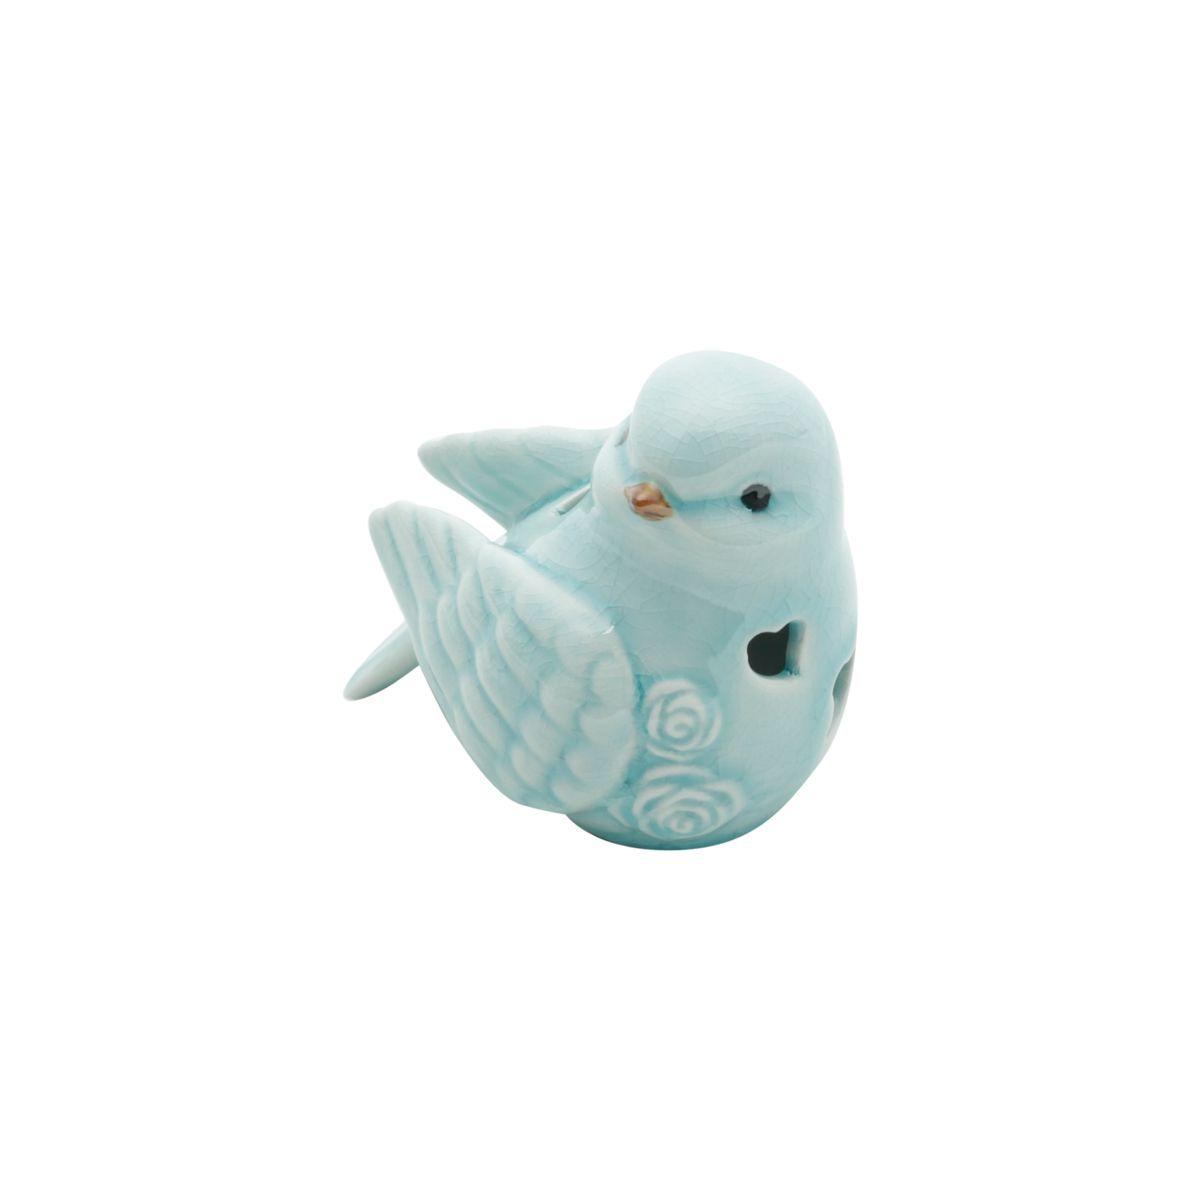 Pássaro decorativo 9 x 7 cm de cerâmica azul claro Heart Lyor - L4175